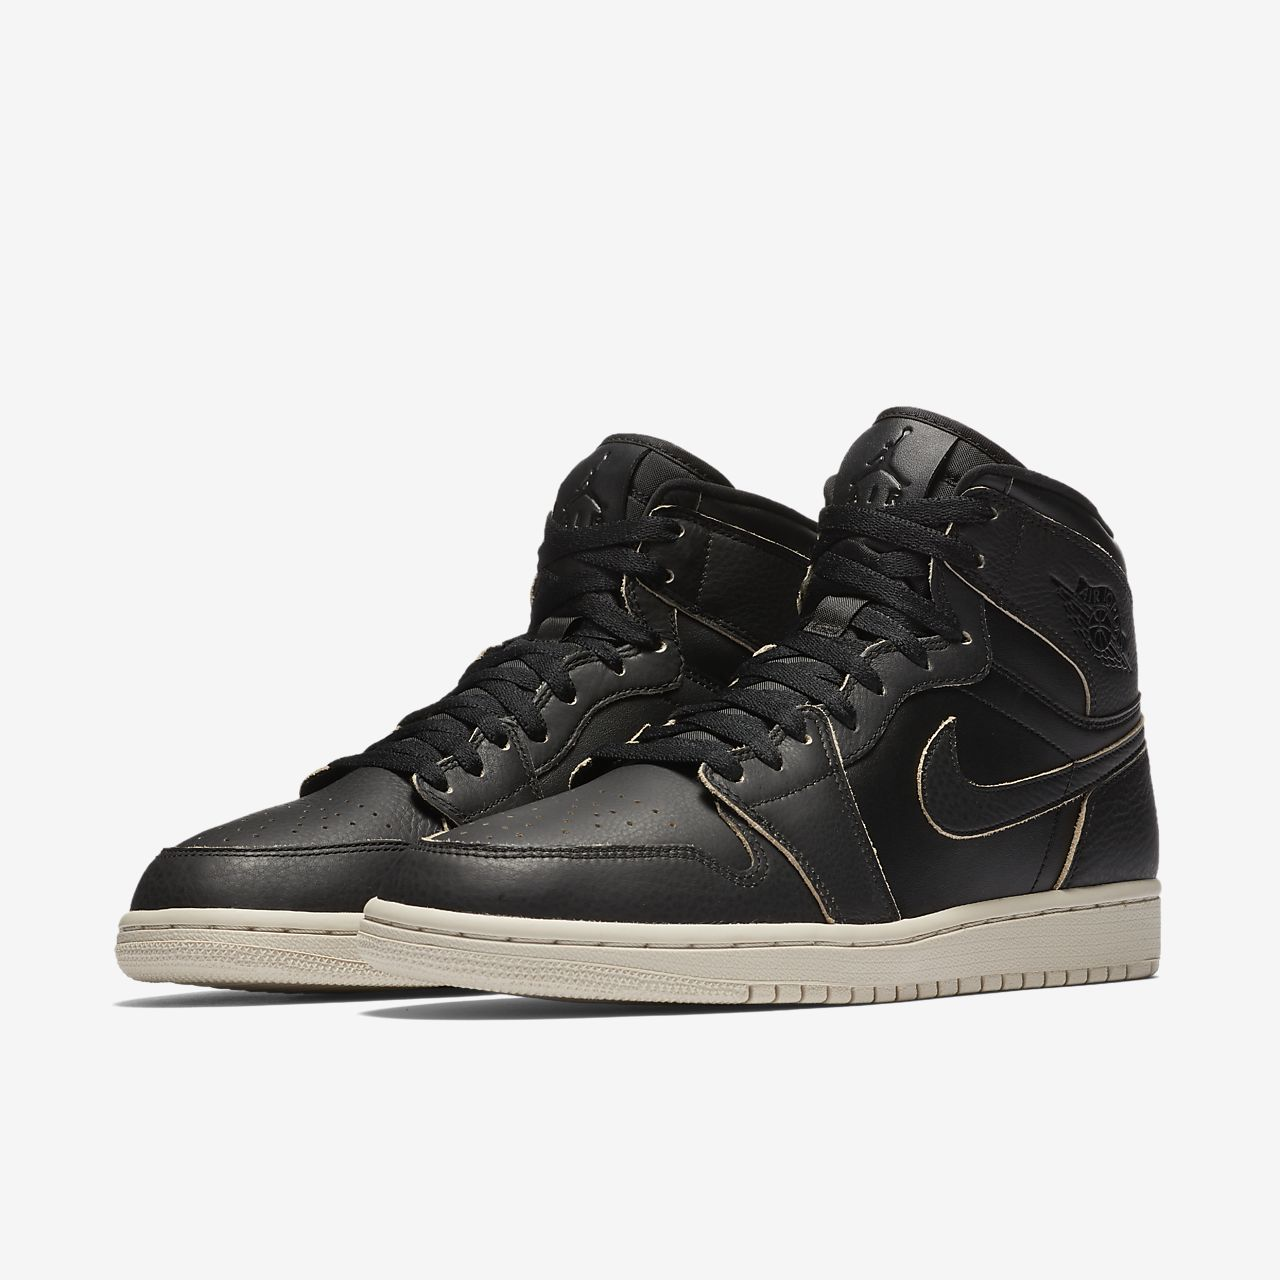 Jordan 1 Rétro Chaussures Haut De Gamme Noir r2PUa